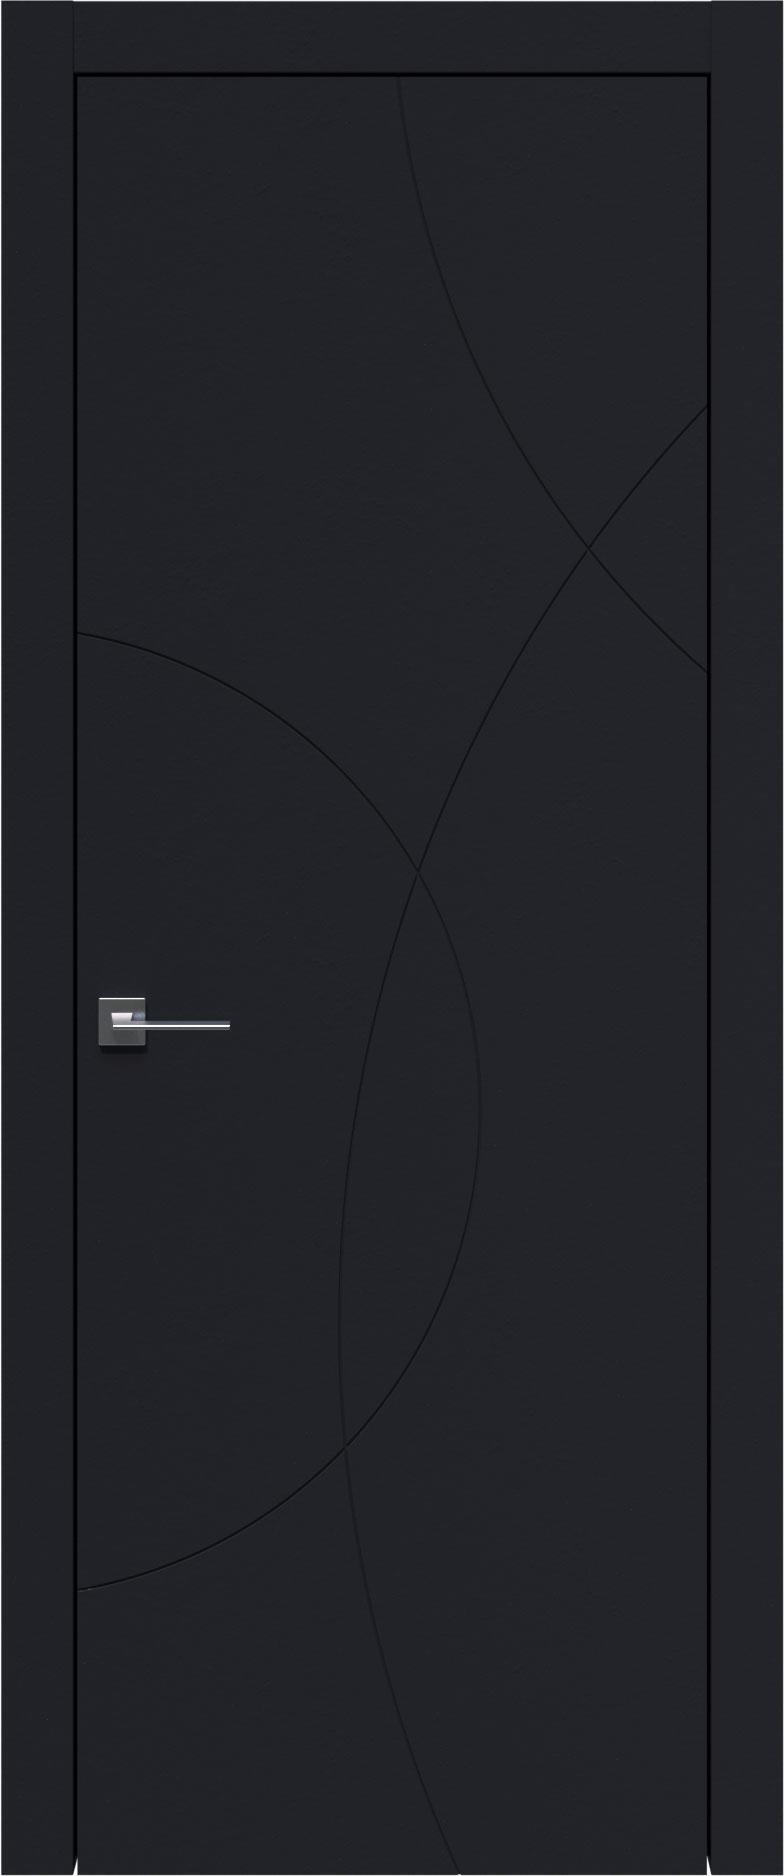 Tivoli Б-5 цвет - Черная эмаль (RAL 9004) Без стекла (ДГ)